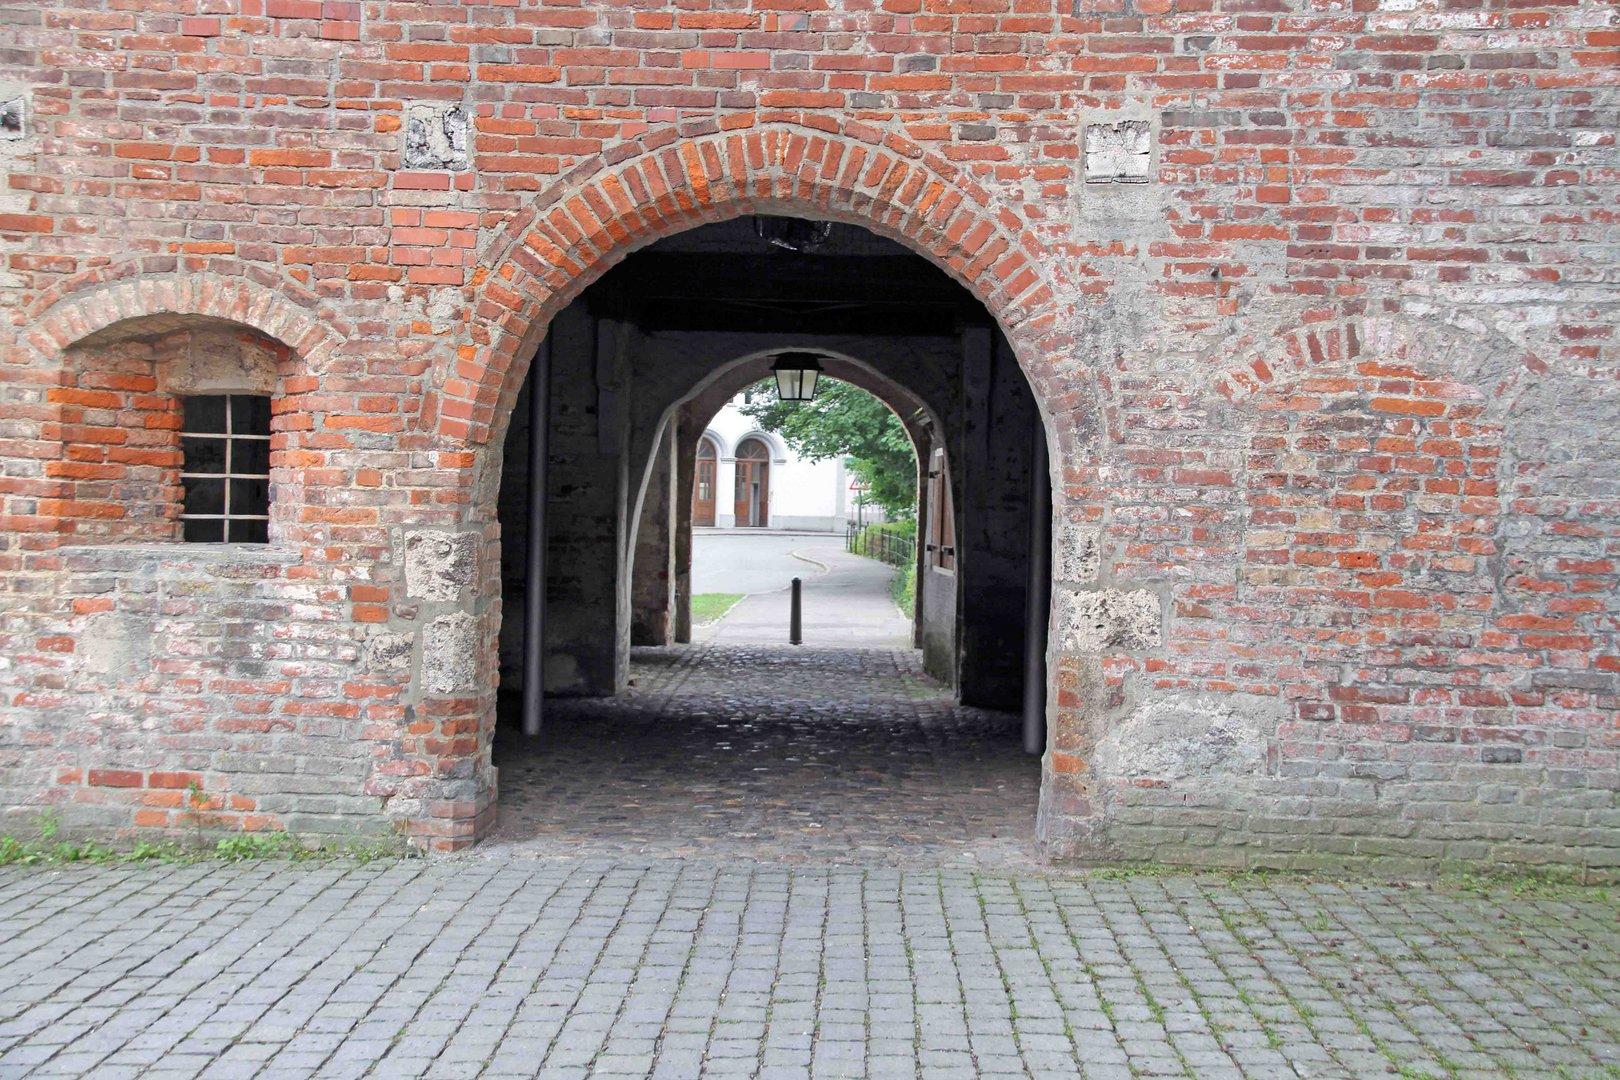 Durchgang des alten Stadttor in Memmingen